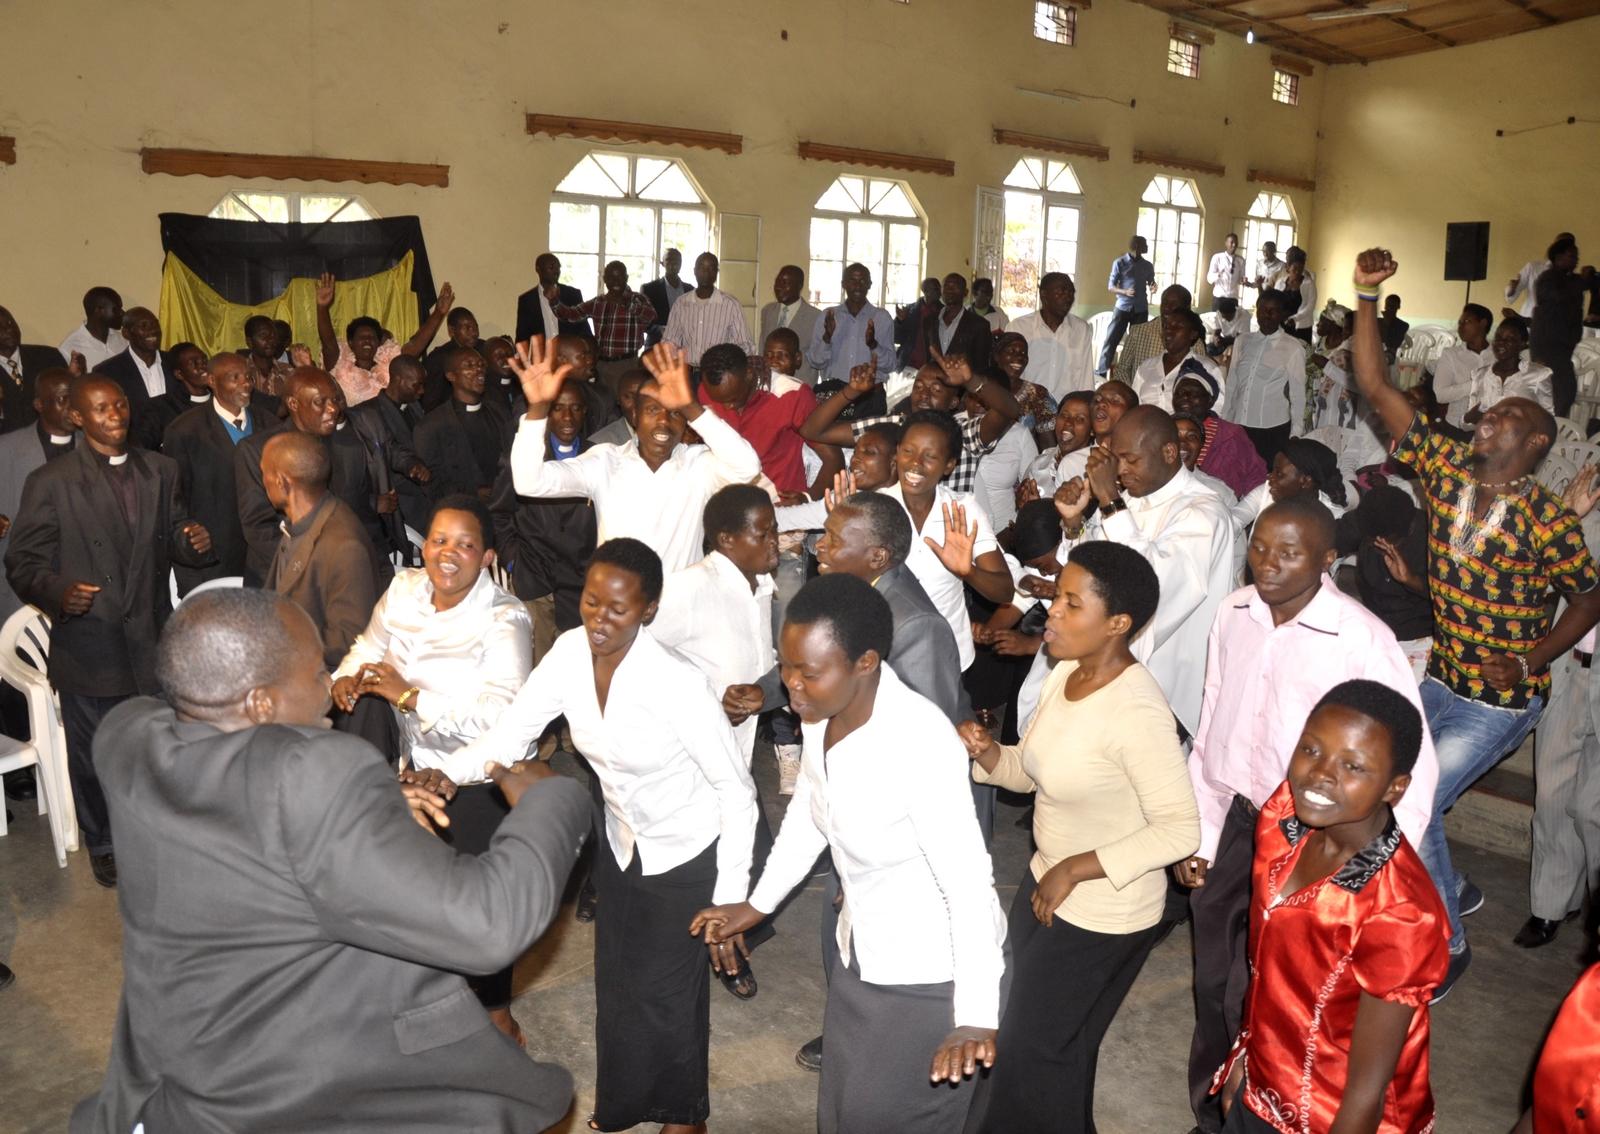 Resultado de imagen para MISIONEROS PRESENTAN A JESÚS Y ALEJAN A COMUNIDADES DE BRUJERÍA EN UGANDA